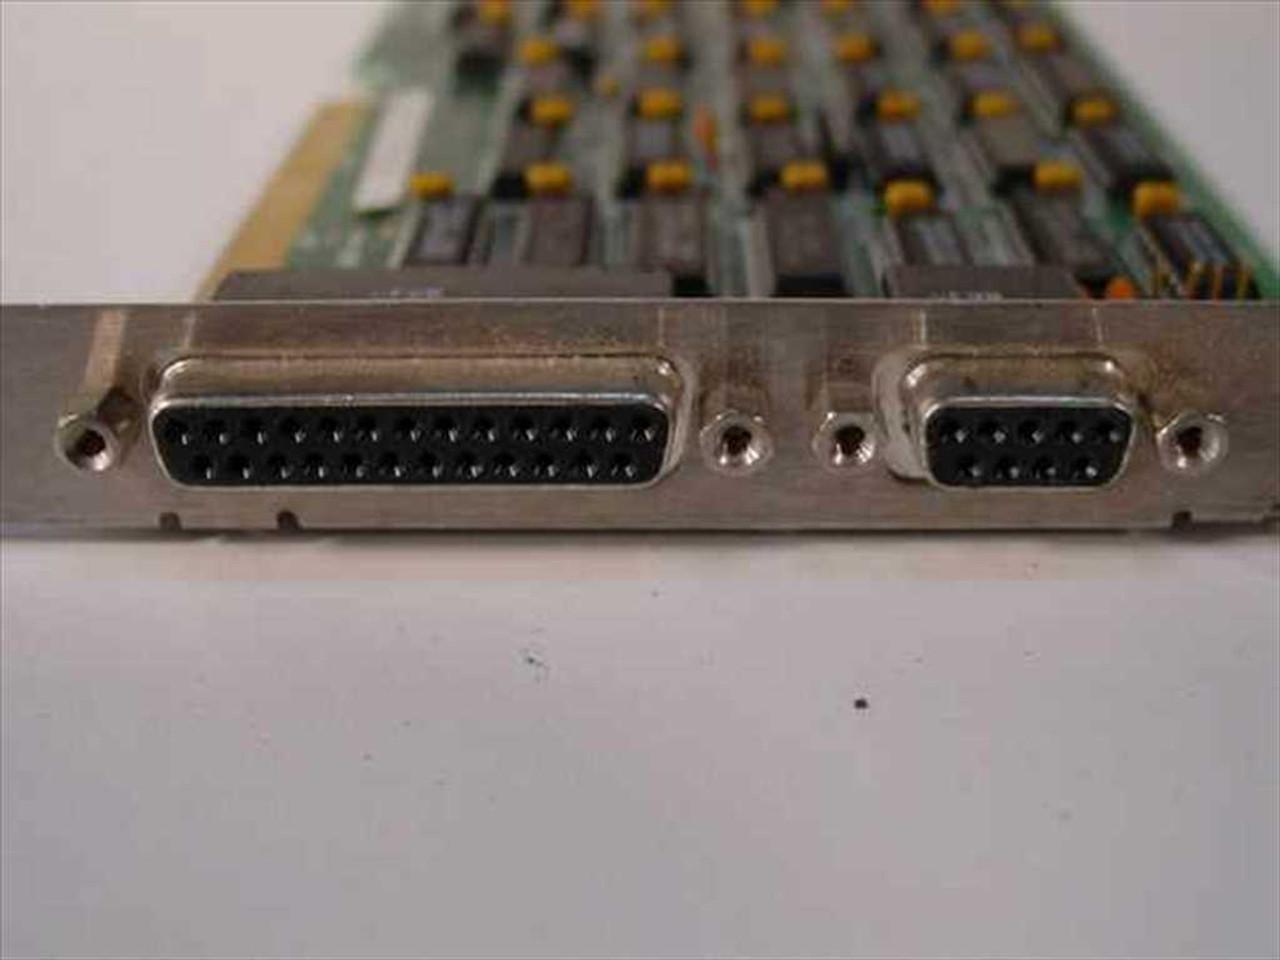 Multitech 8 Bit Monochrome Graphics Card W Parallel Port PB85005